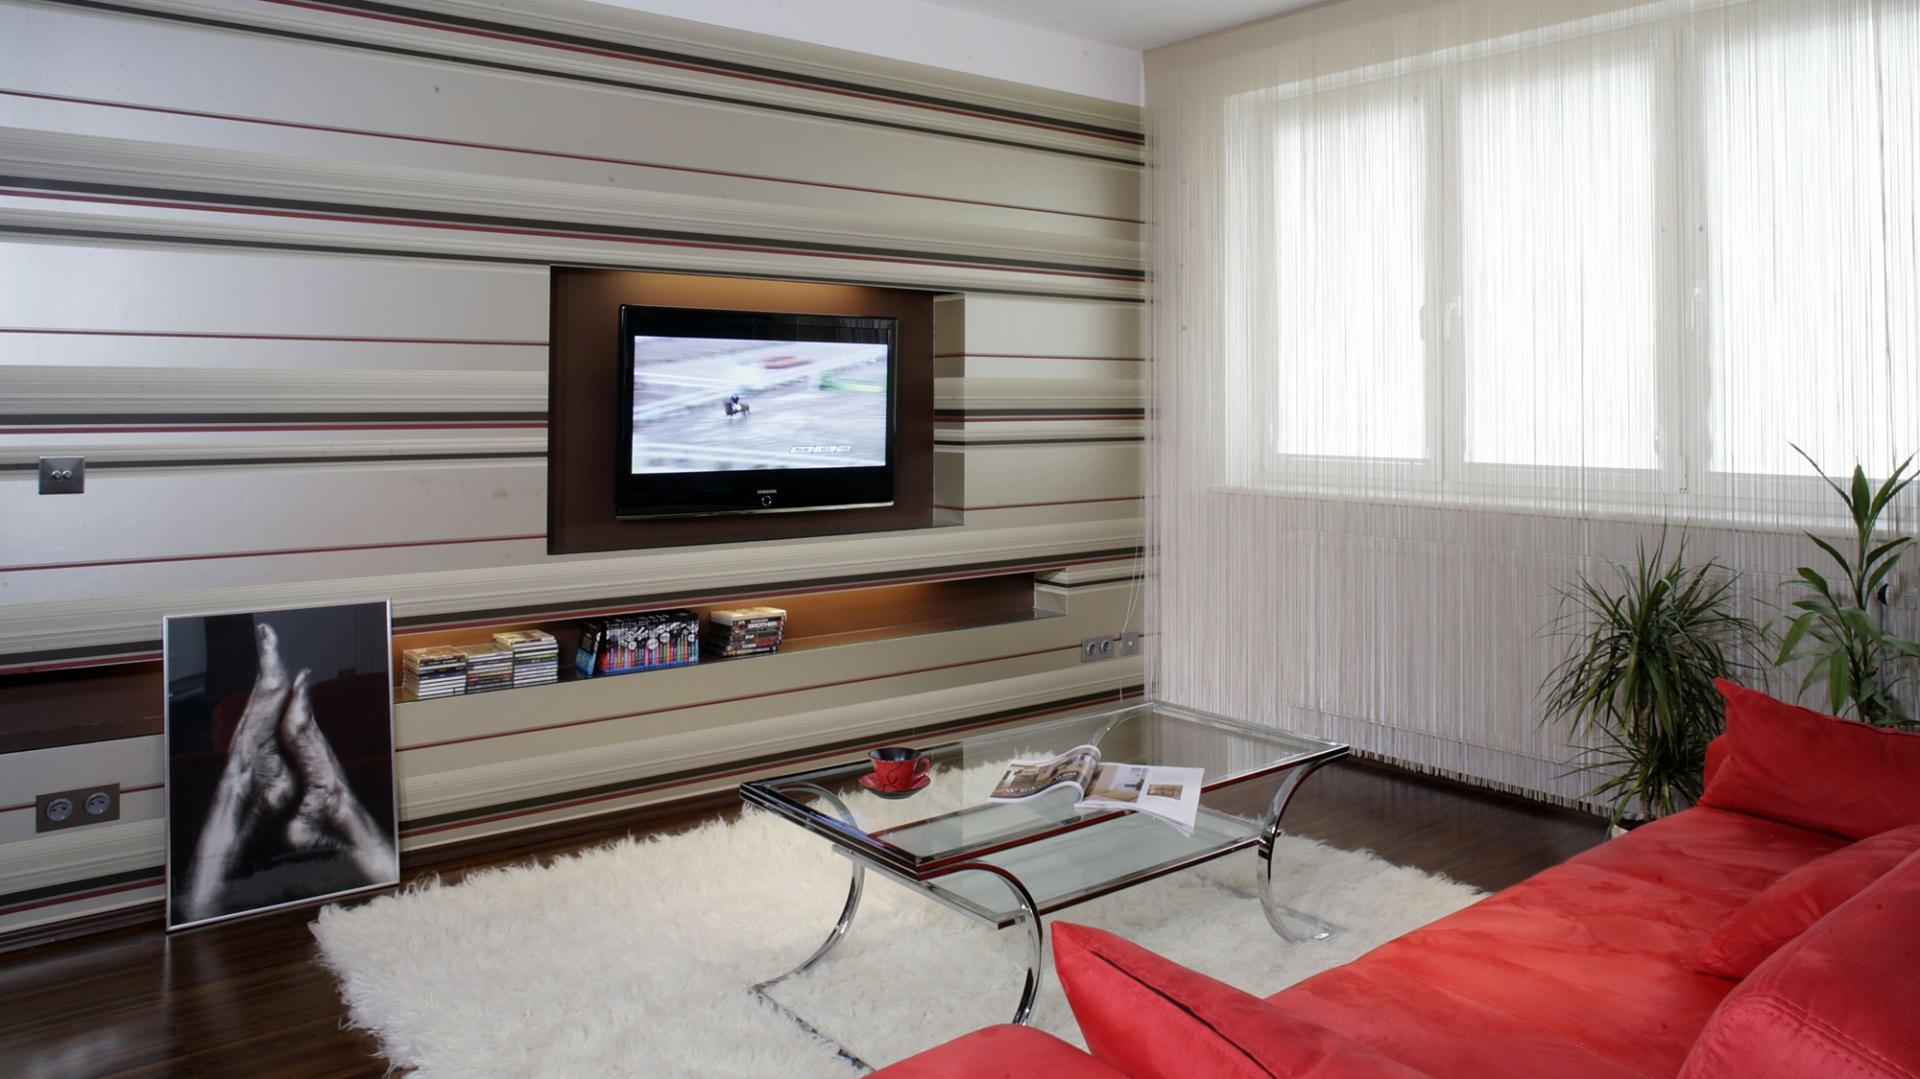 Dekoracyjna ściana optycznie poszerza powierzchnię salonu. Dzieje się tak za sprawą połyskującej tapety w poziome pasy (Harlequin). Fot. Monika Filipiuk.